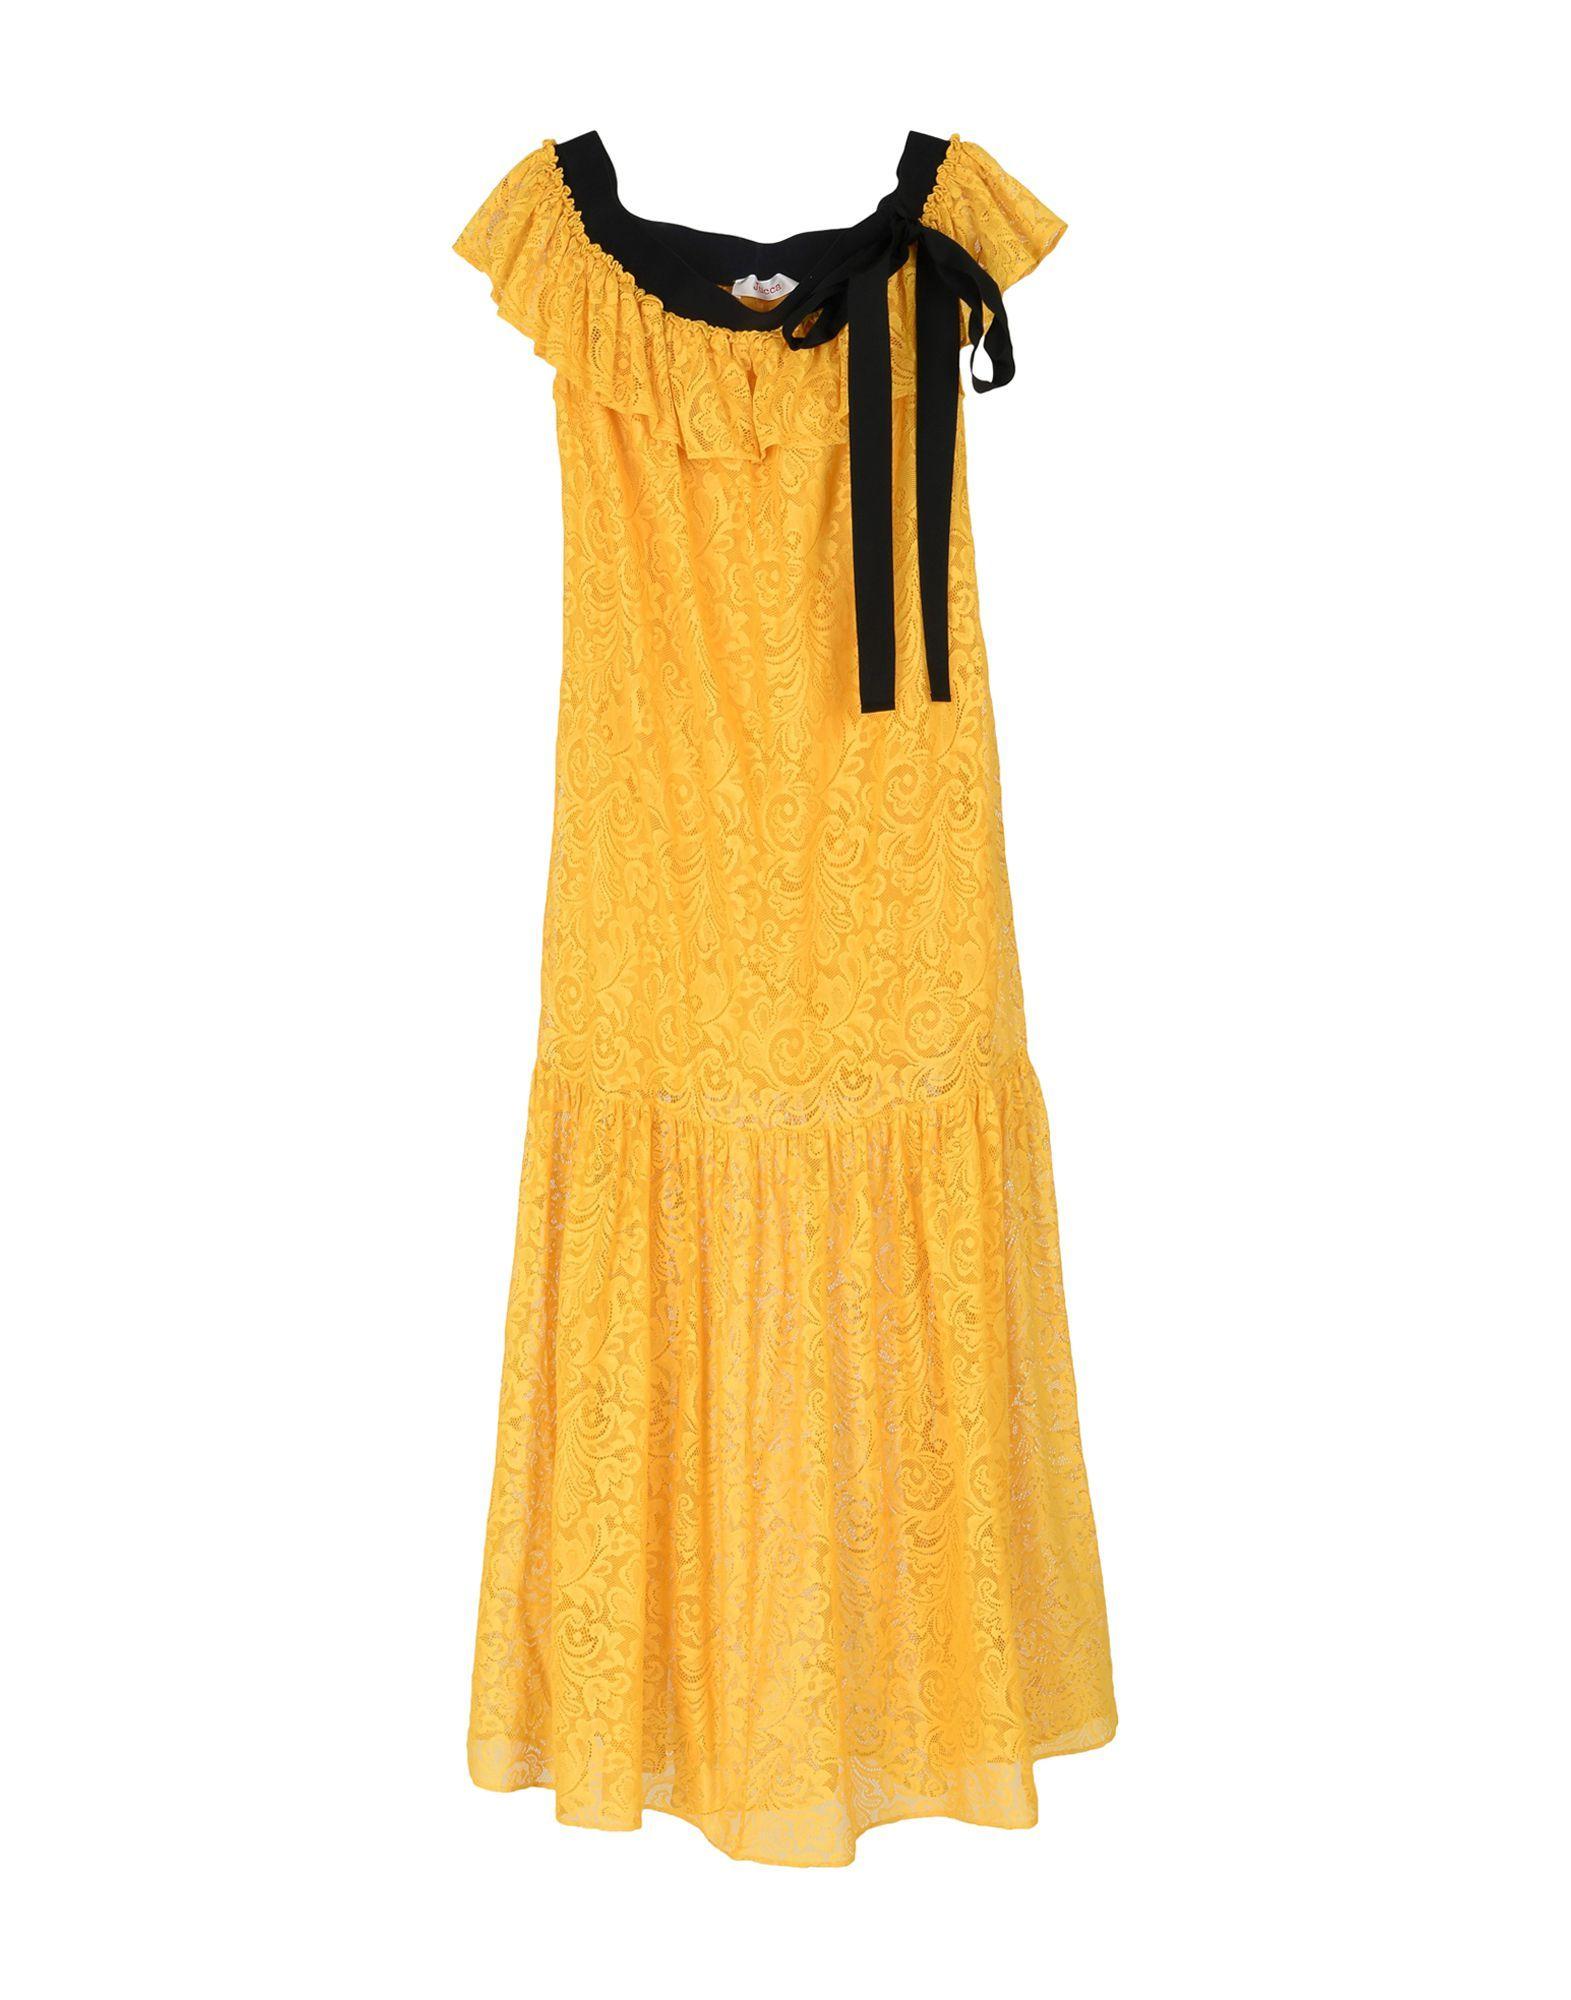 Jucca Ochre Cotton Lace Dress